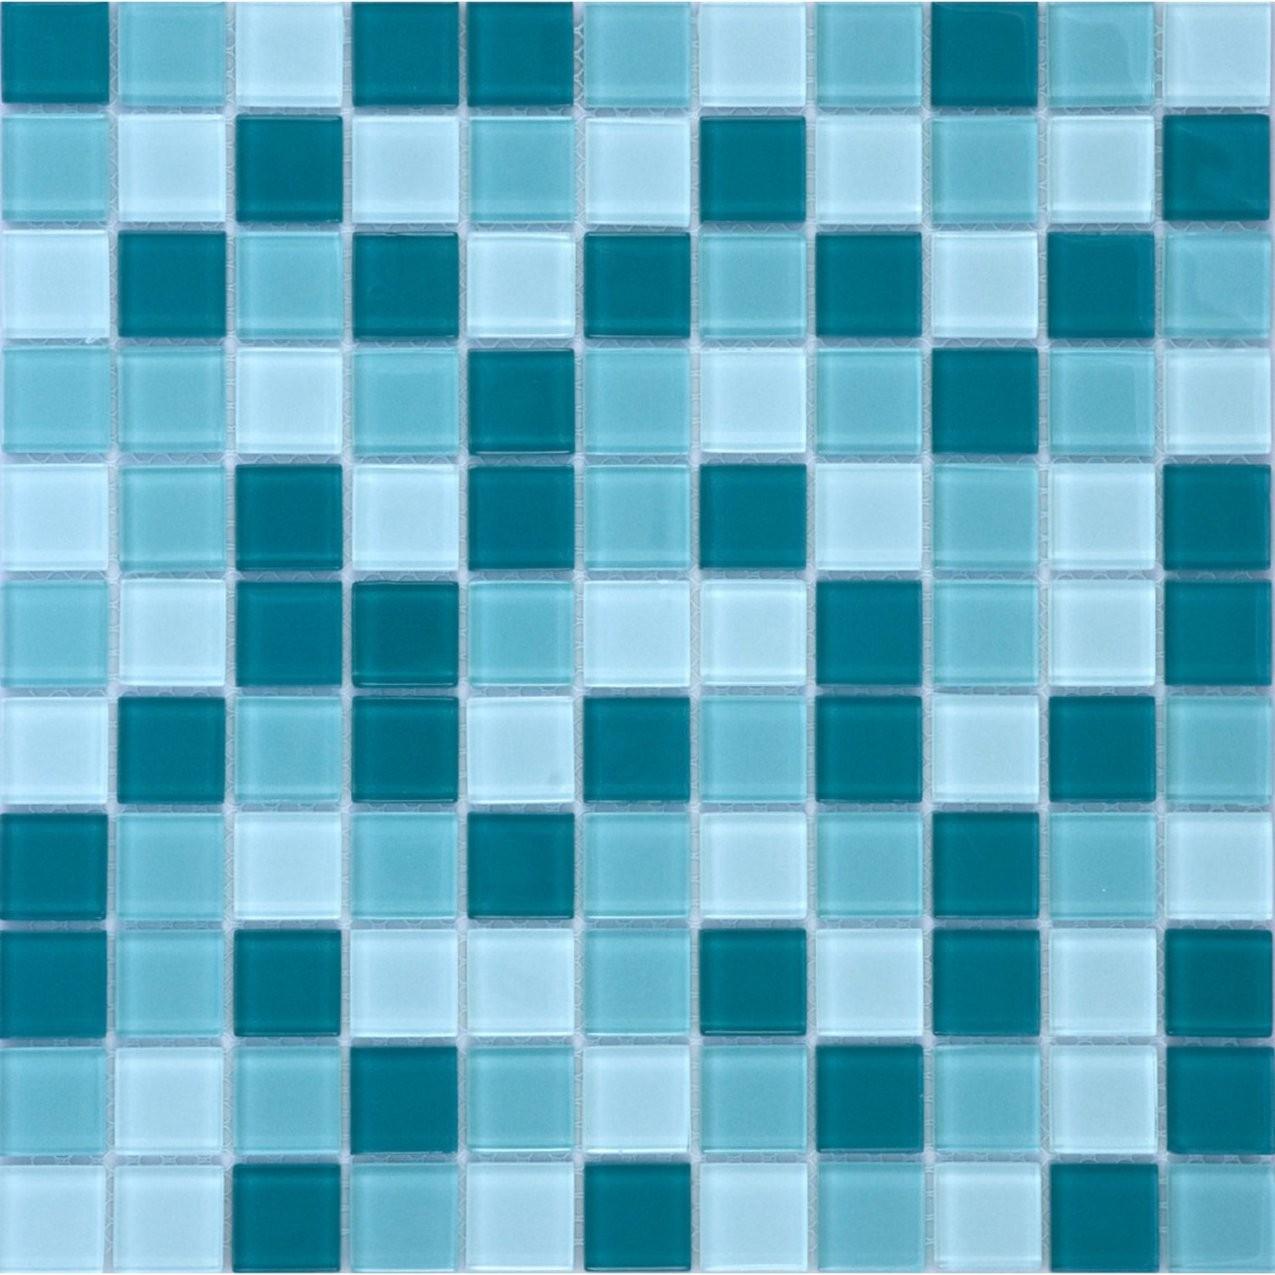 Mosaikfliesen Kaufen Bei Obi von Mosaik Fliesen Türkis Bild